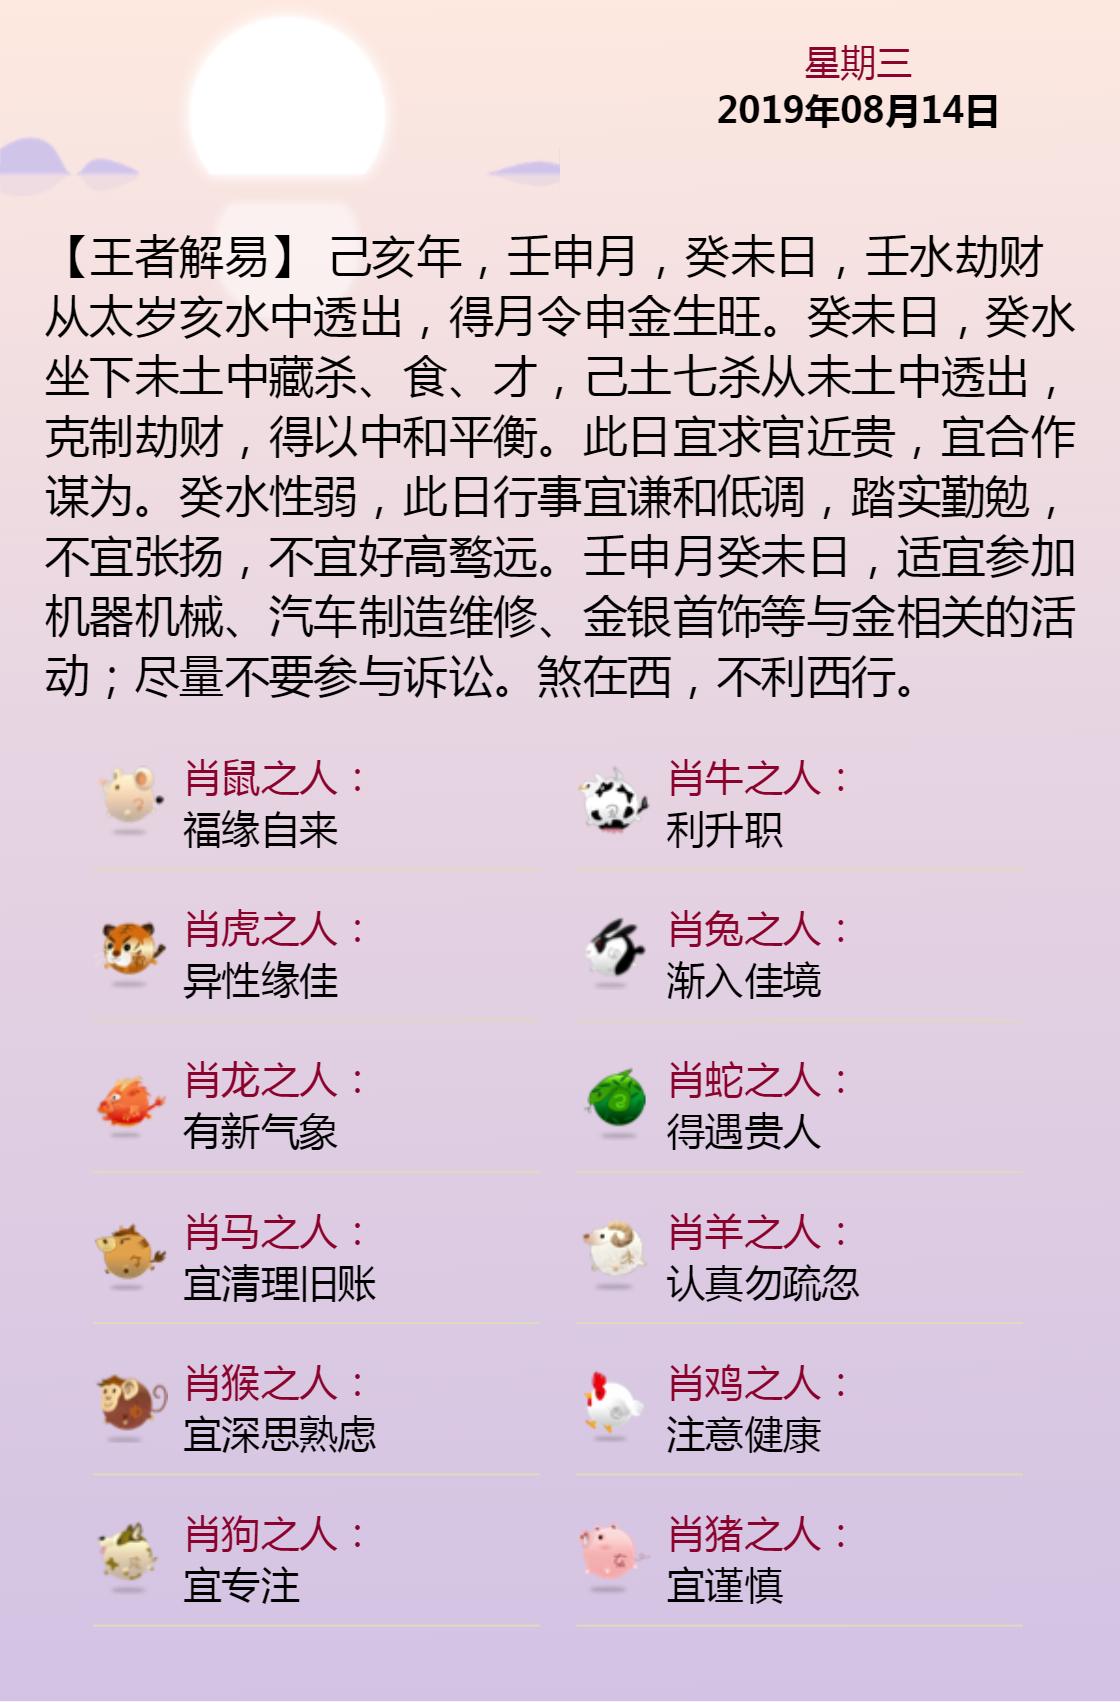 黄历海报20190814.png